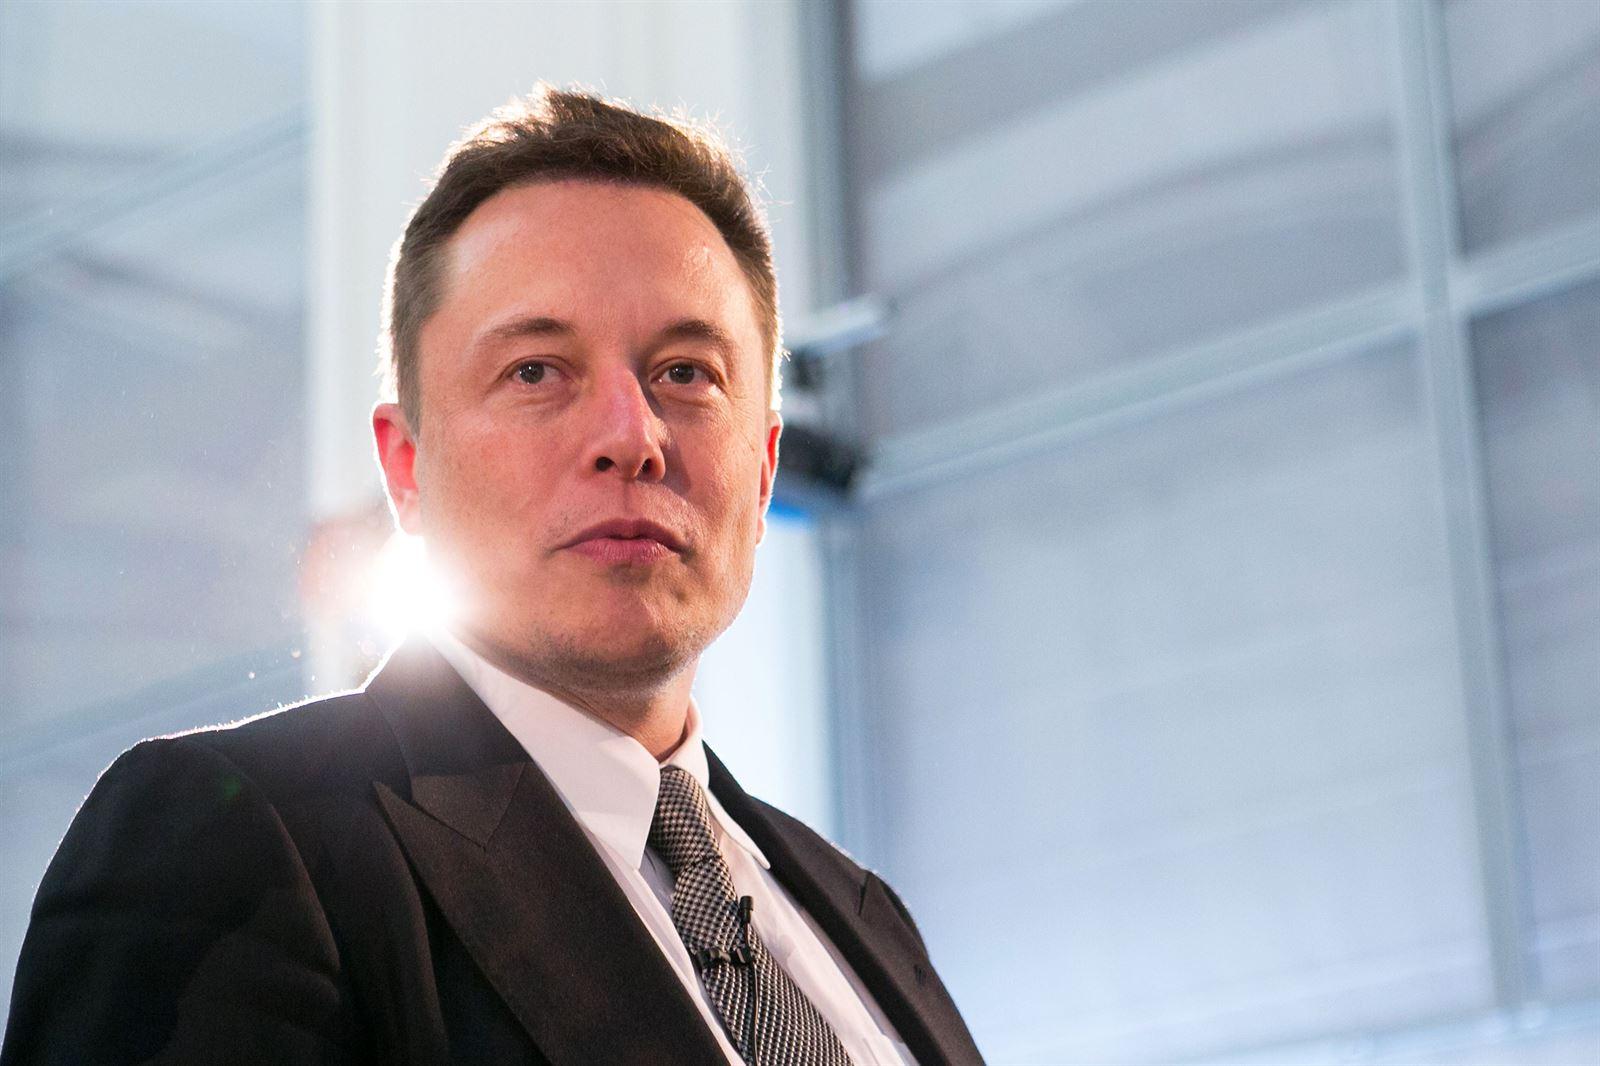 Elon Musk network okulu başarı sözleri 1